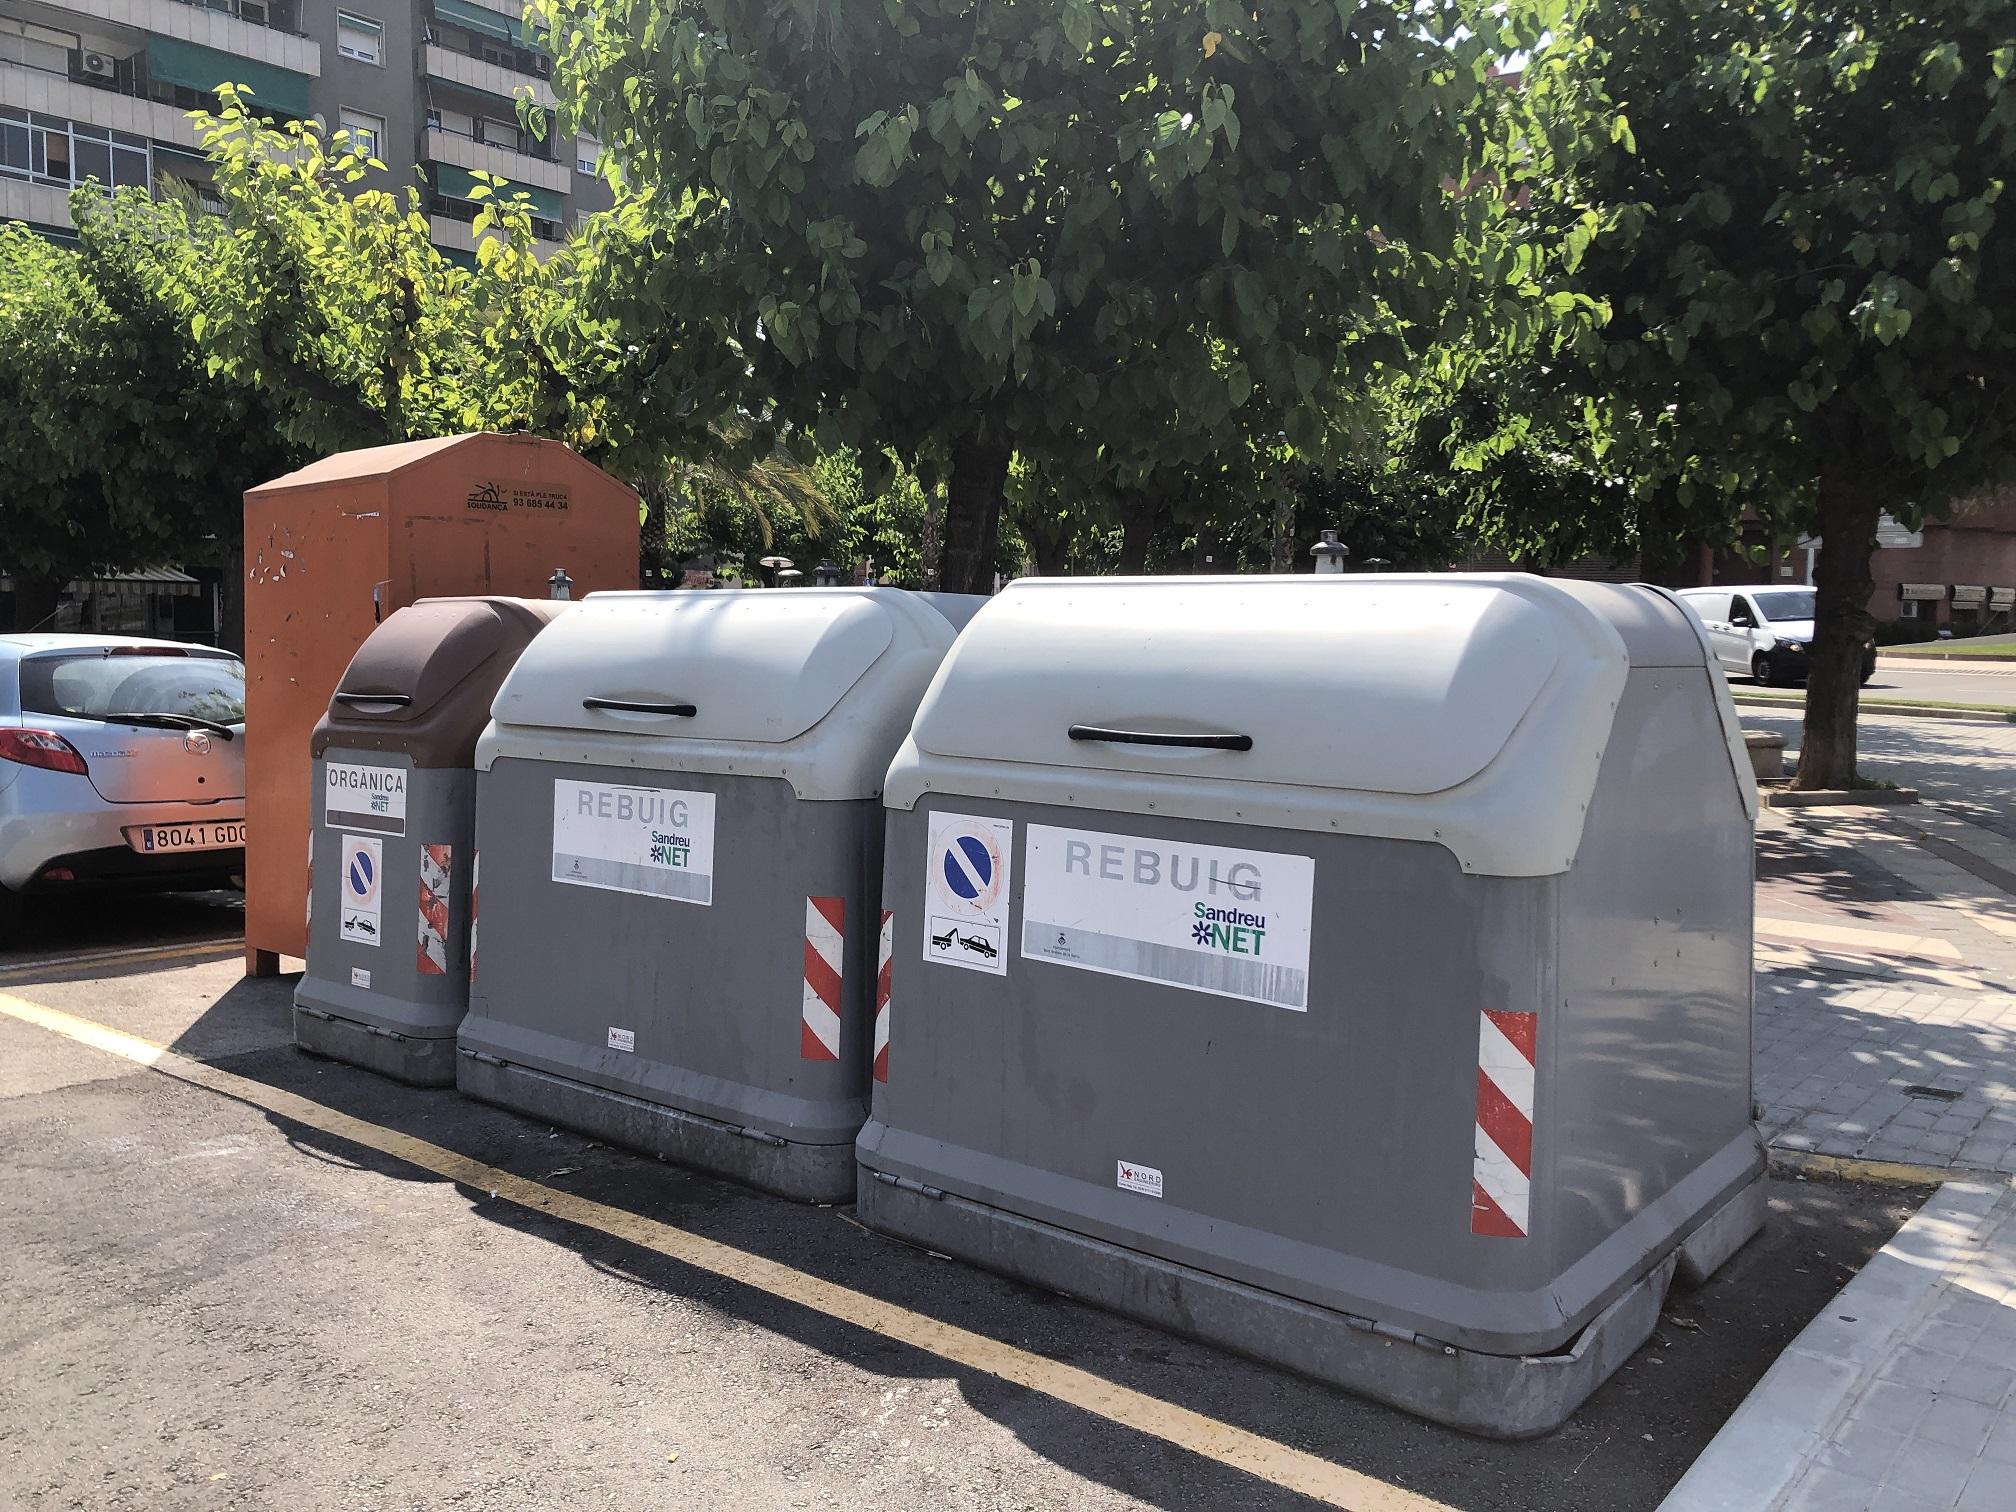 L'Ajuntament de Sant Andreu de la Barca es proposa reduir els residus que es generen un 10% en 5 anys